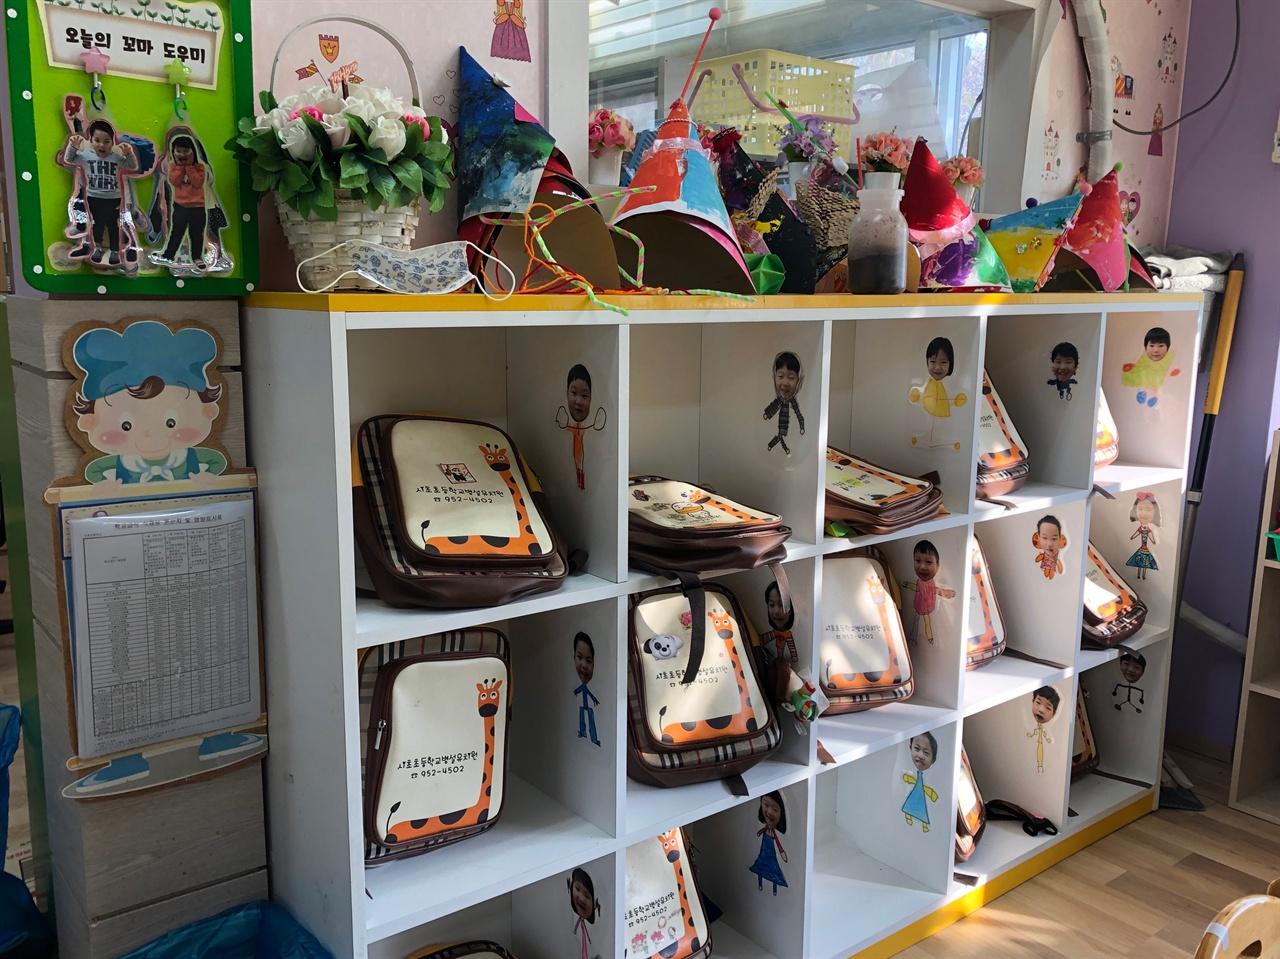 서천시초초병설유치원에는 만3~5세 열다섯 명의 아이들이 생활하고 있다.